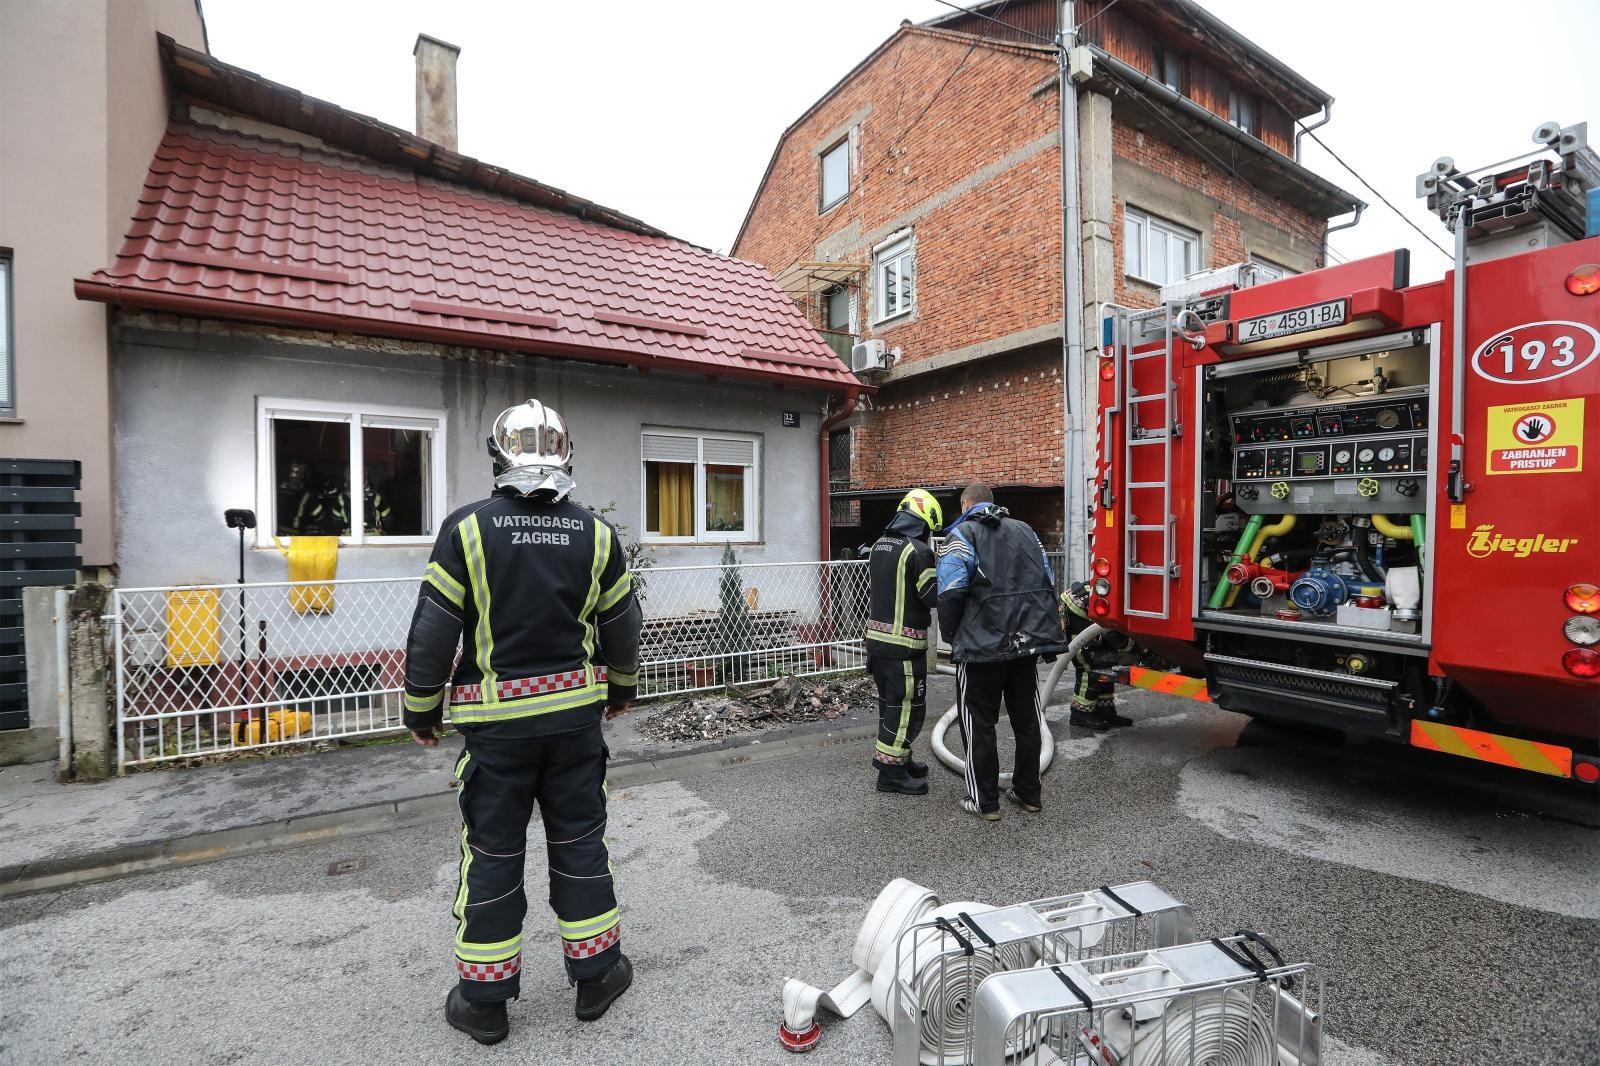 U obiteljskoj kući na Srednjacima puknuo dimnjak i zapalio strop